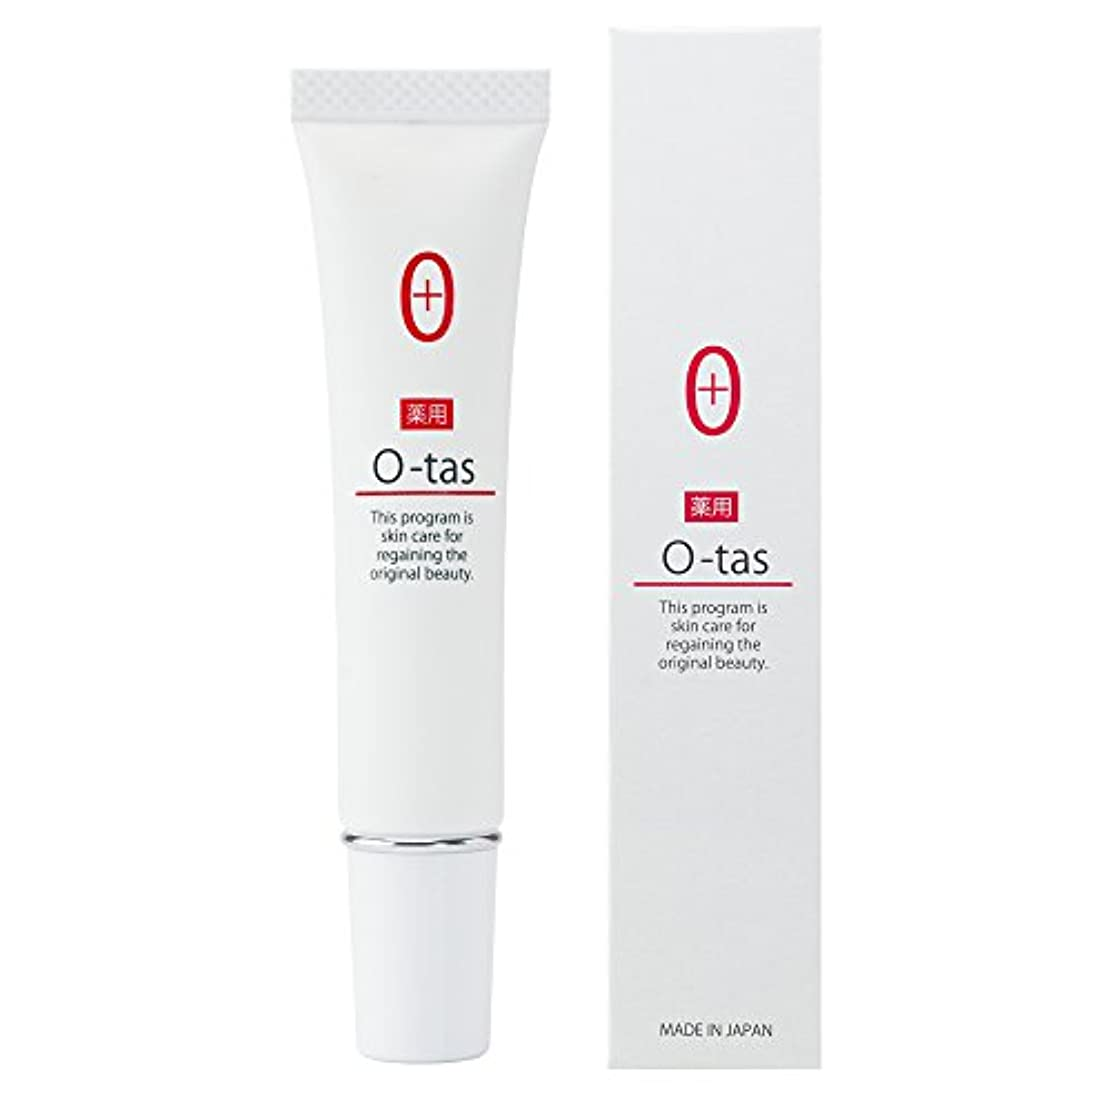 美白 しみ くすみ そばかす ケア 医薬部外品 薬用 オータス トラネキサム酸 美容液 15g